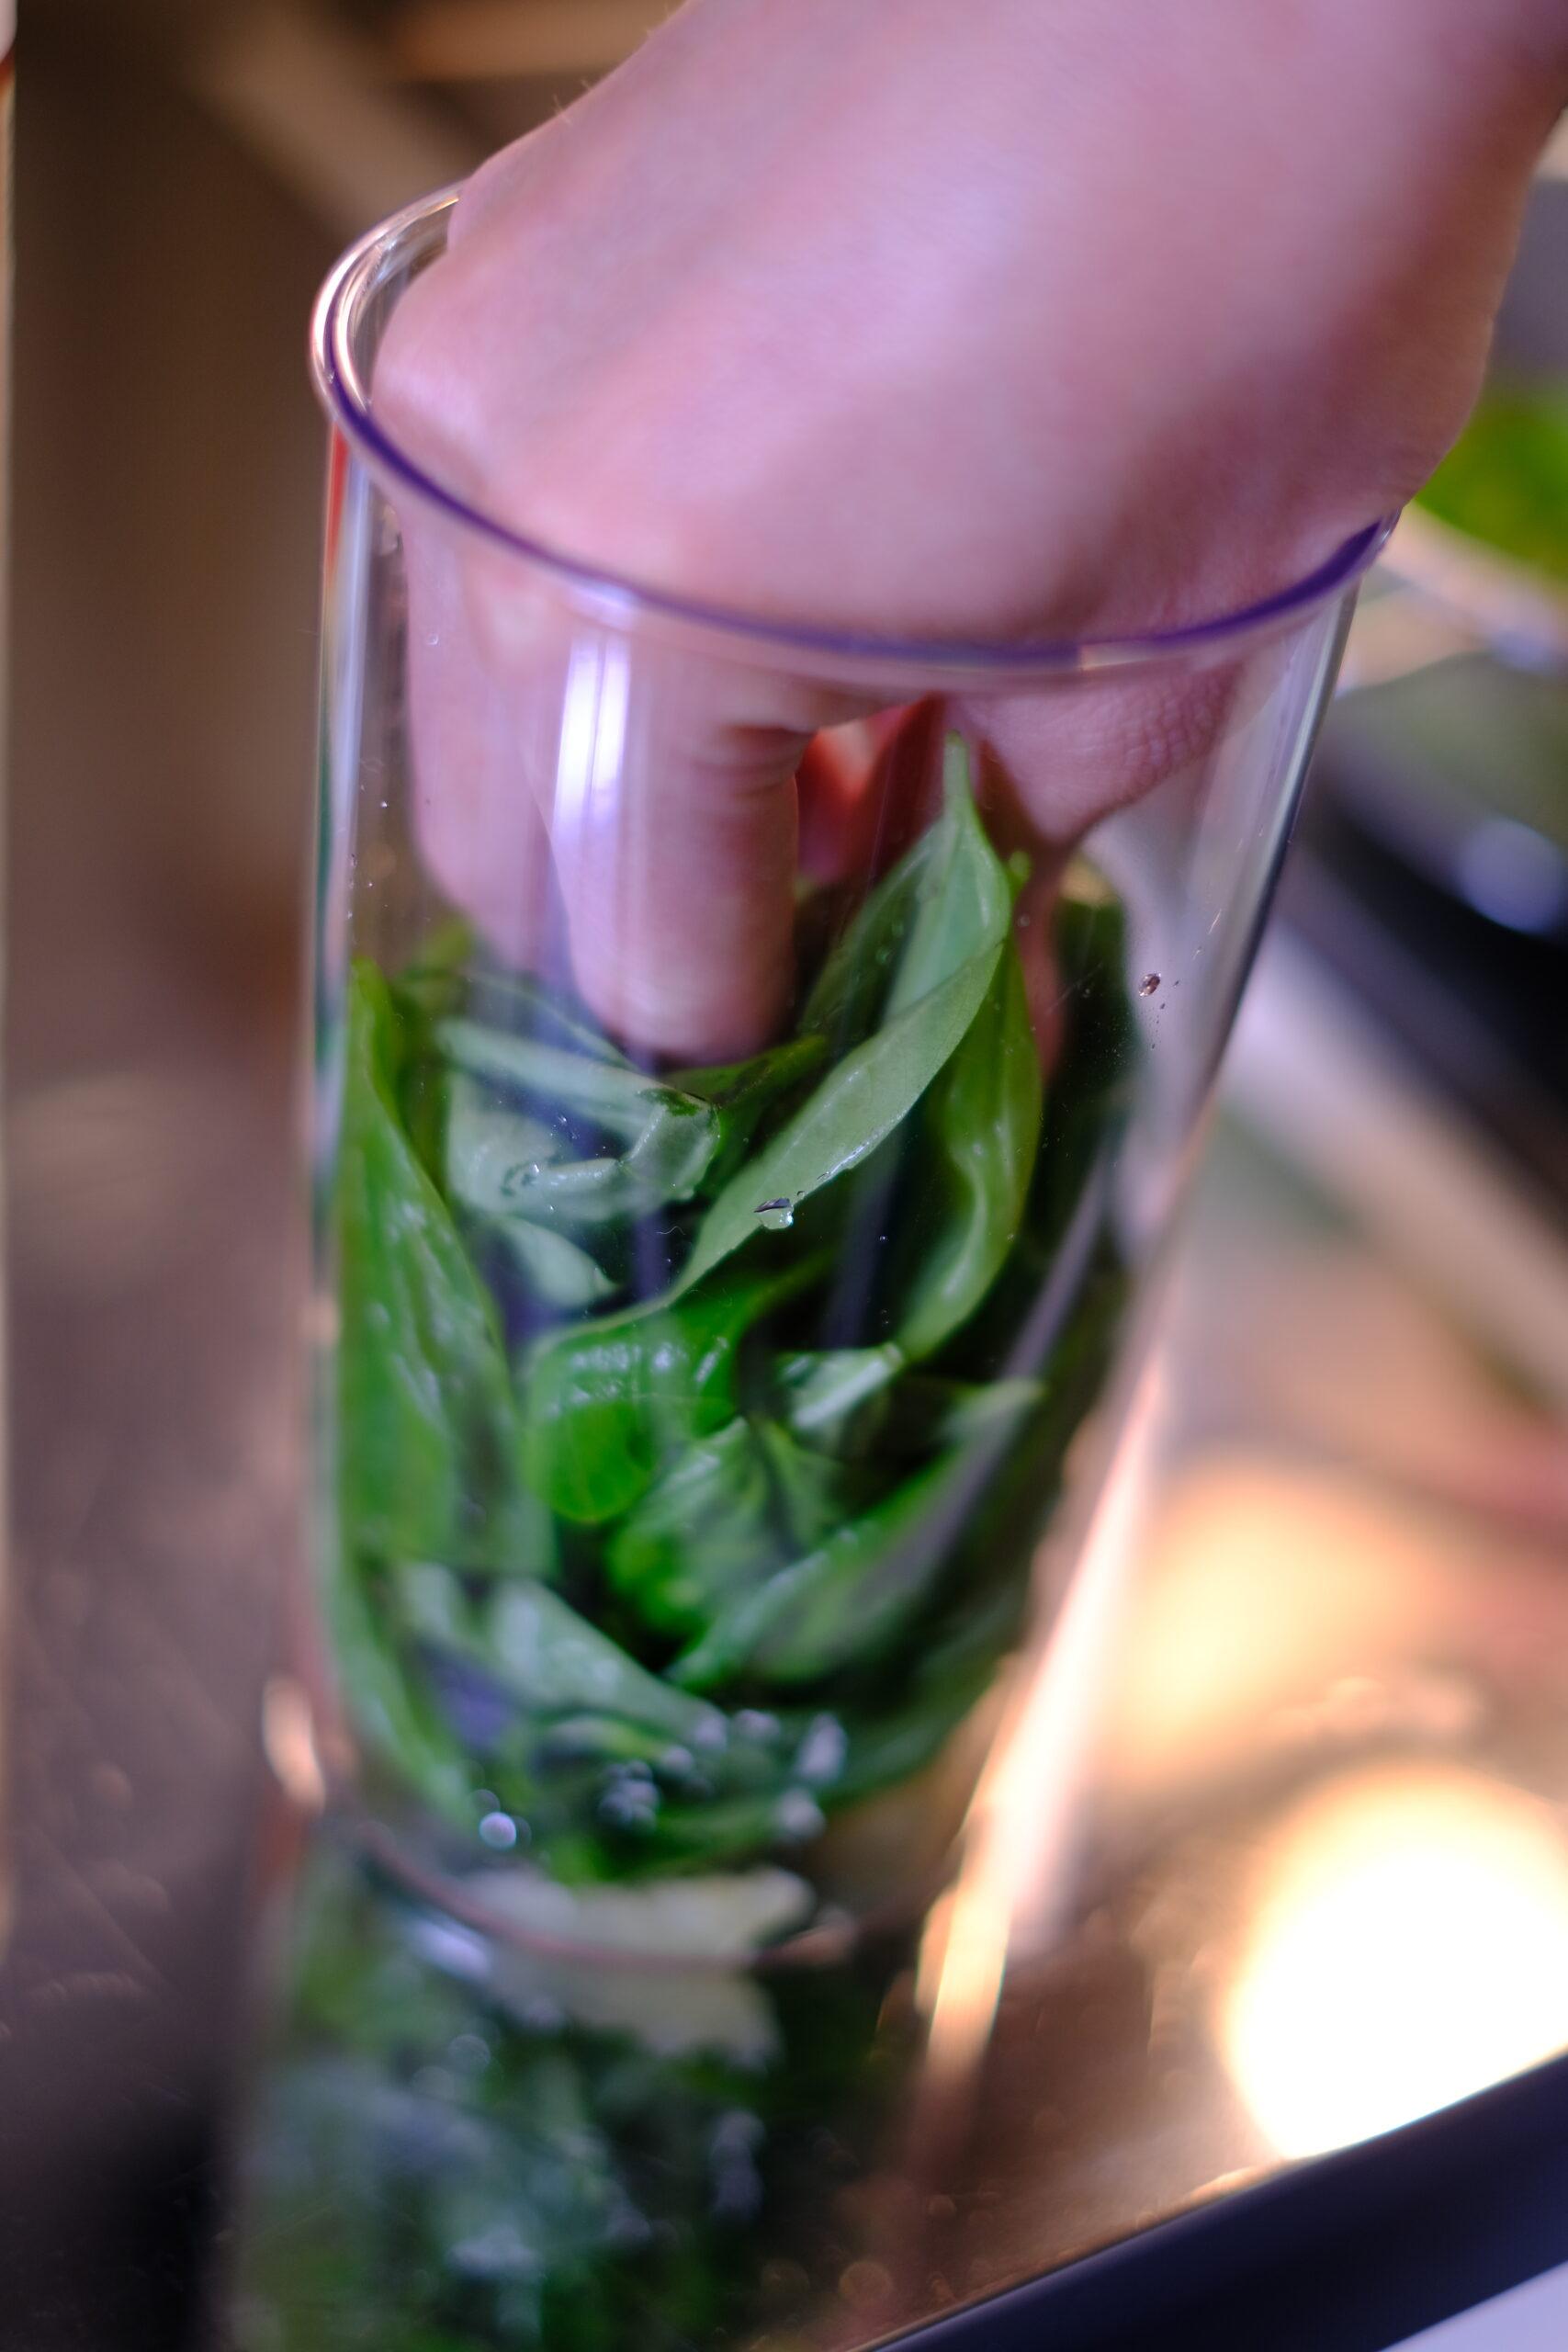 バジルの葉をハンドブレンダー専用容器に手で押し込んでいる様子の画像です